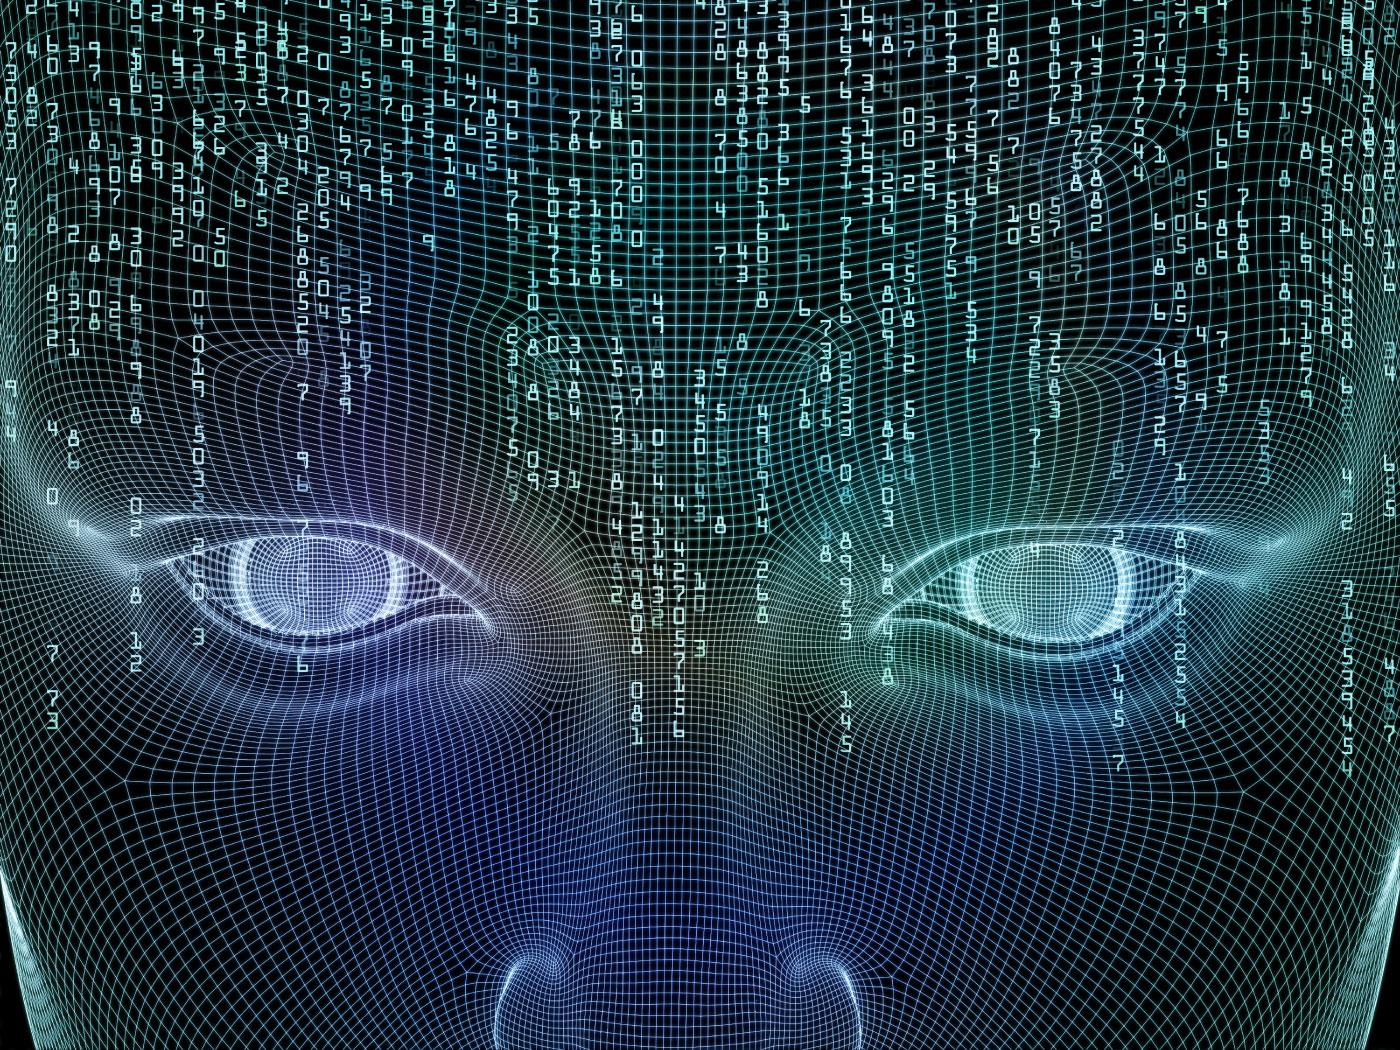 Digital face depiction